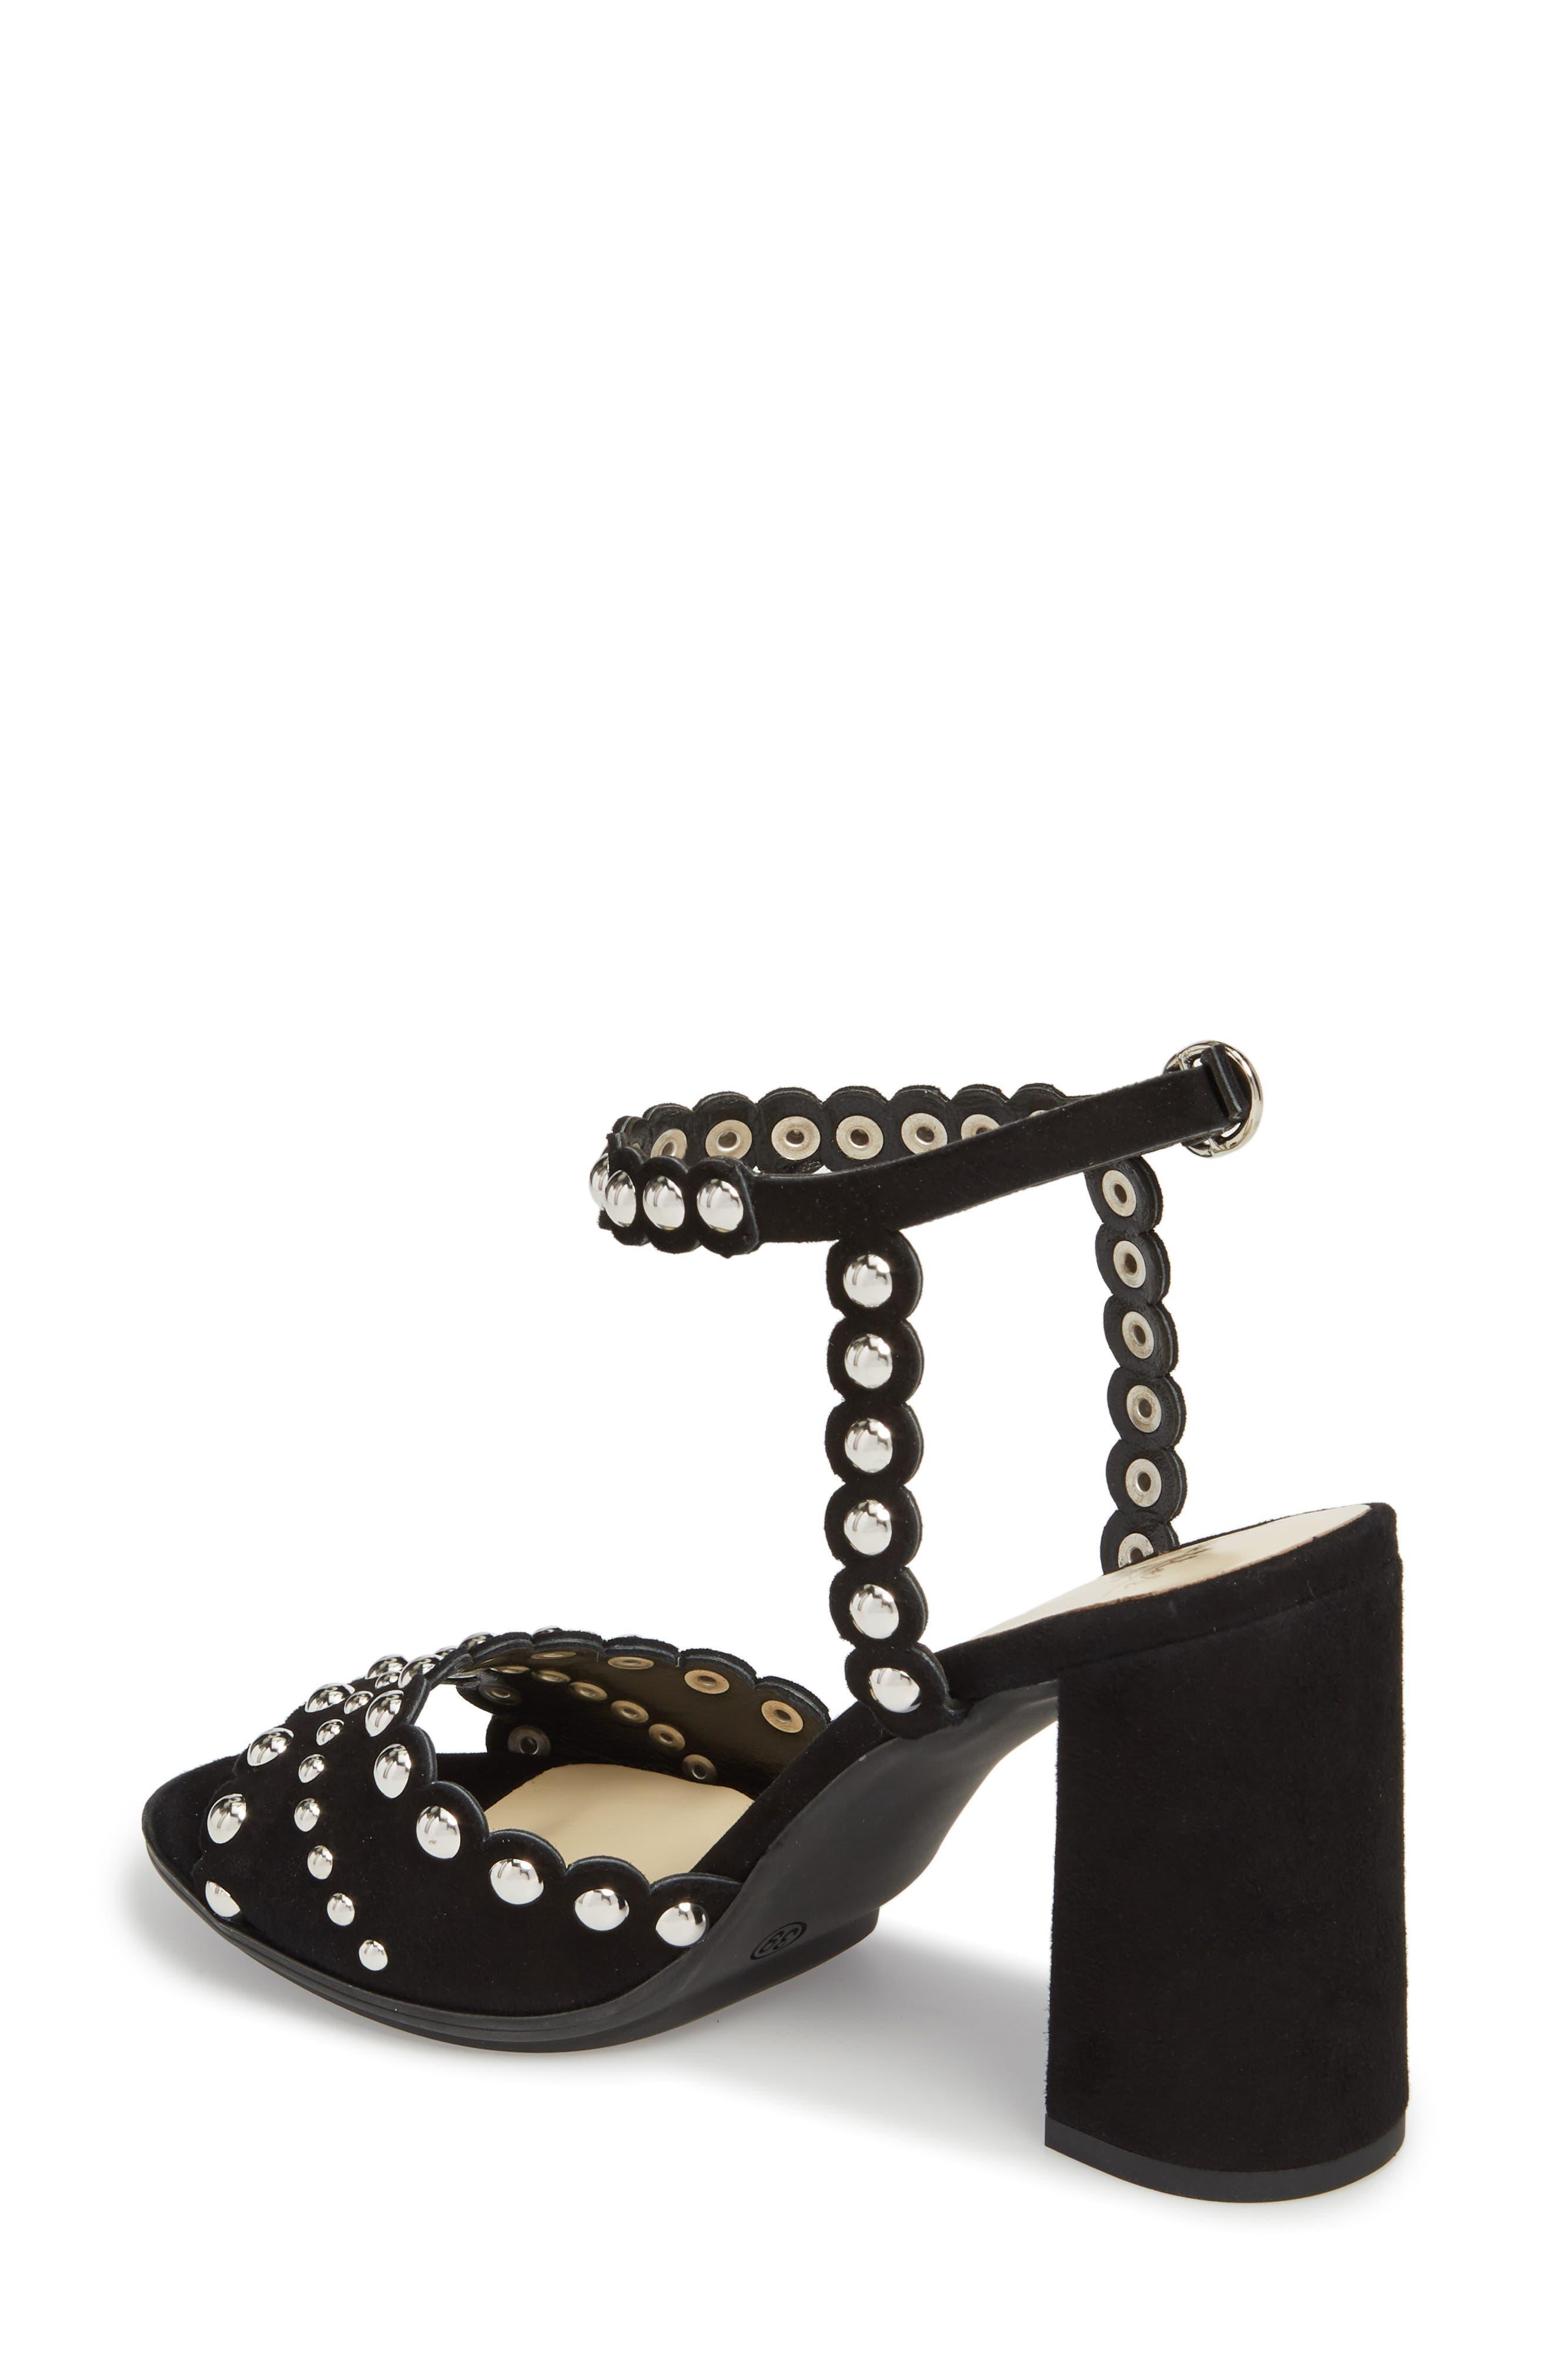 Butter Hetty Studded Ankle Strap Sandal,                             Alternate thumbnail 2, color,                             001